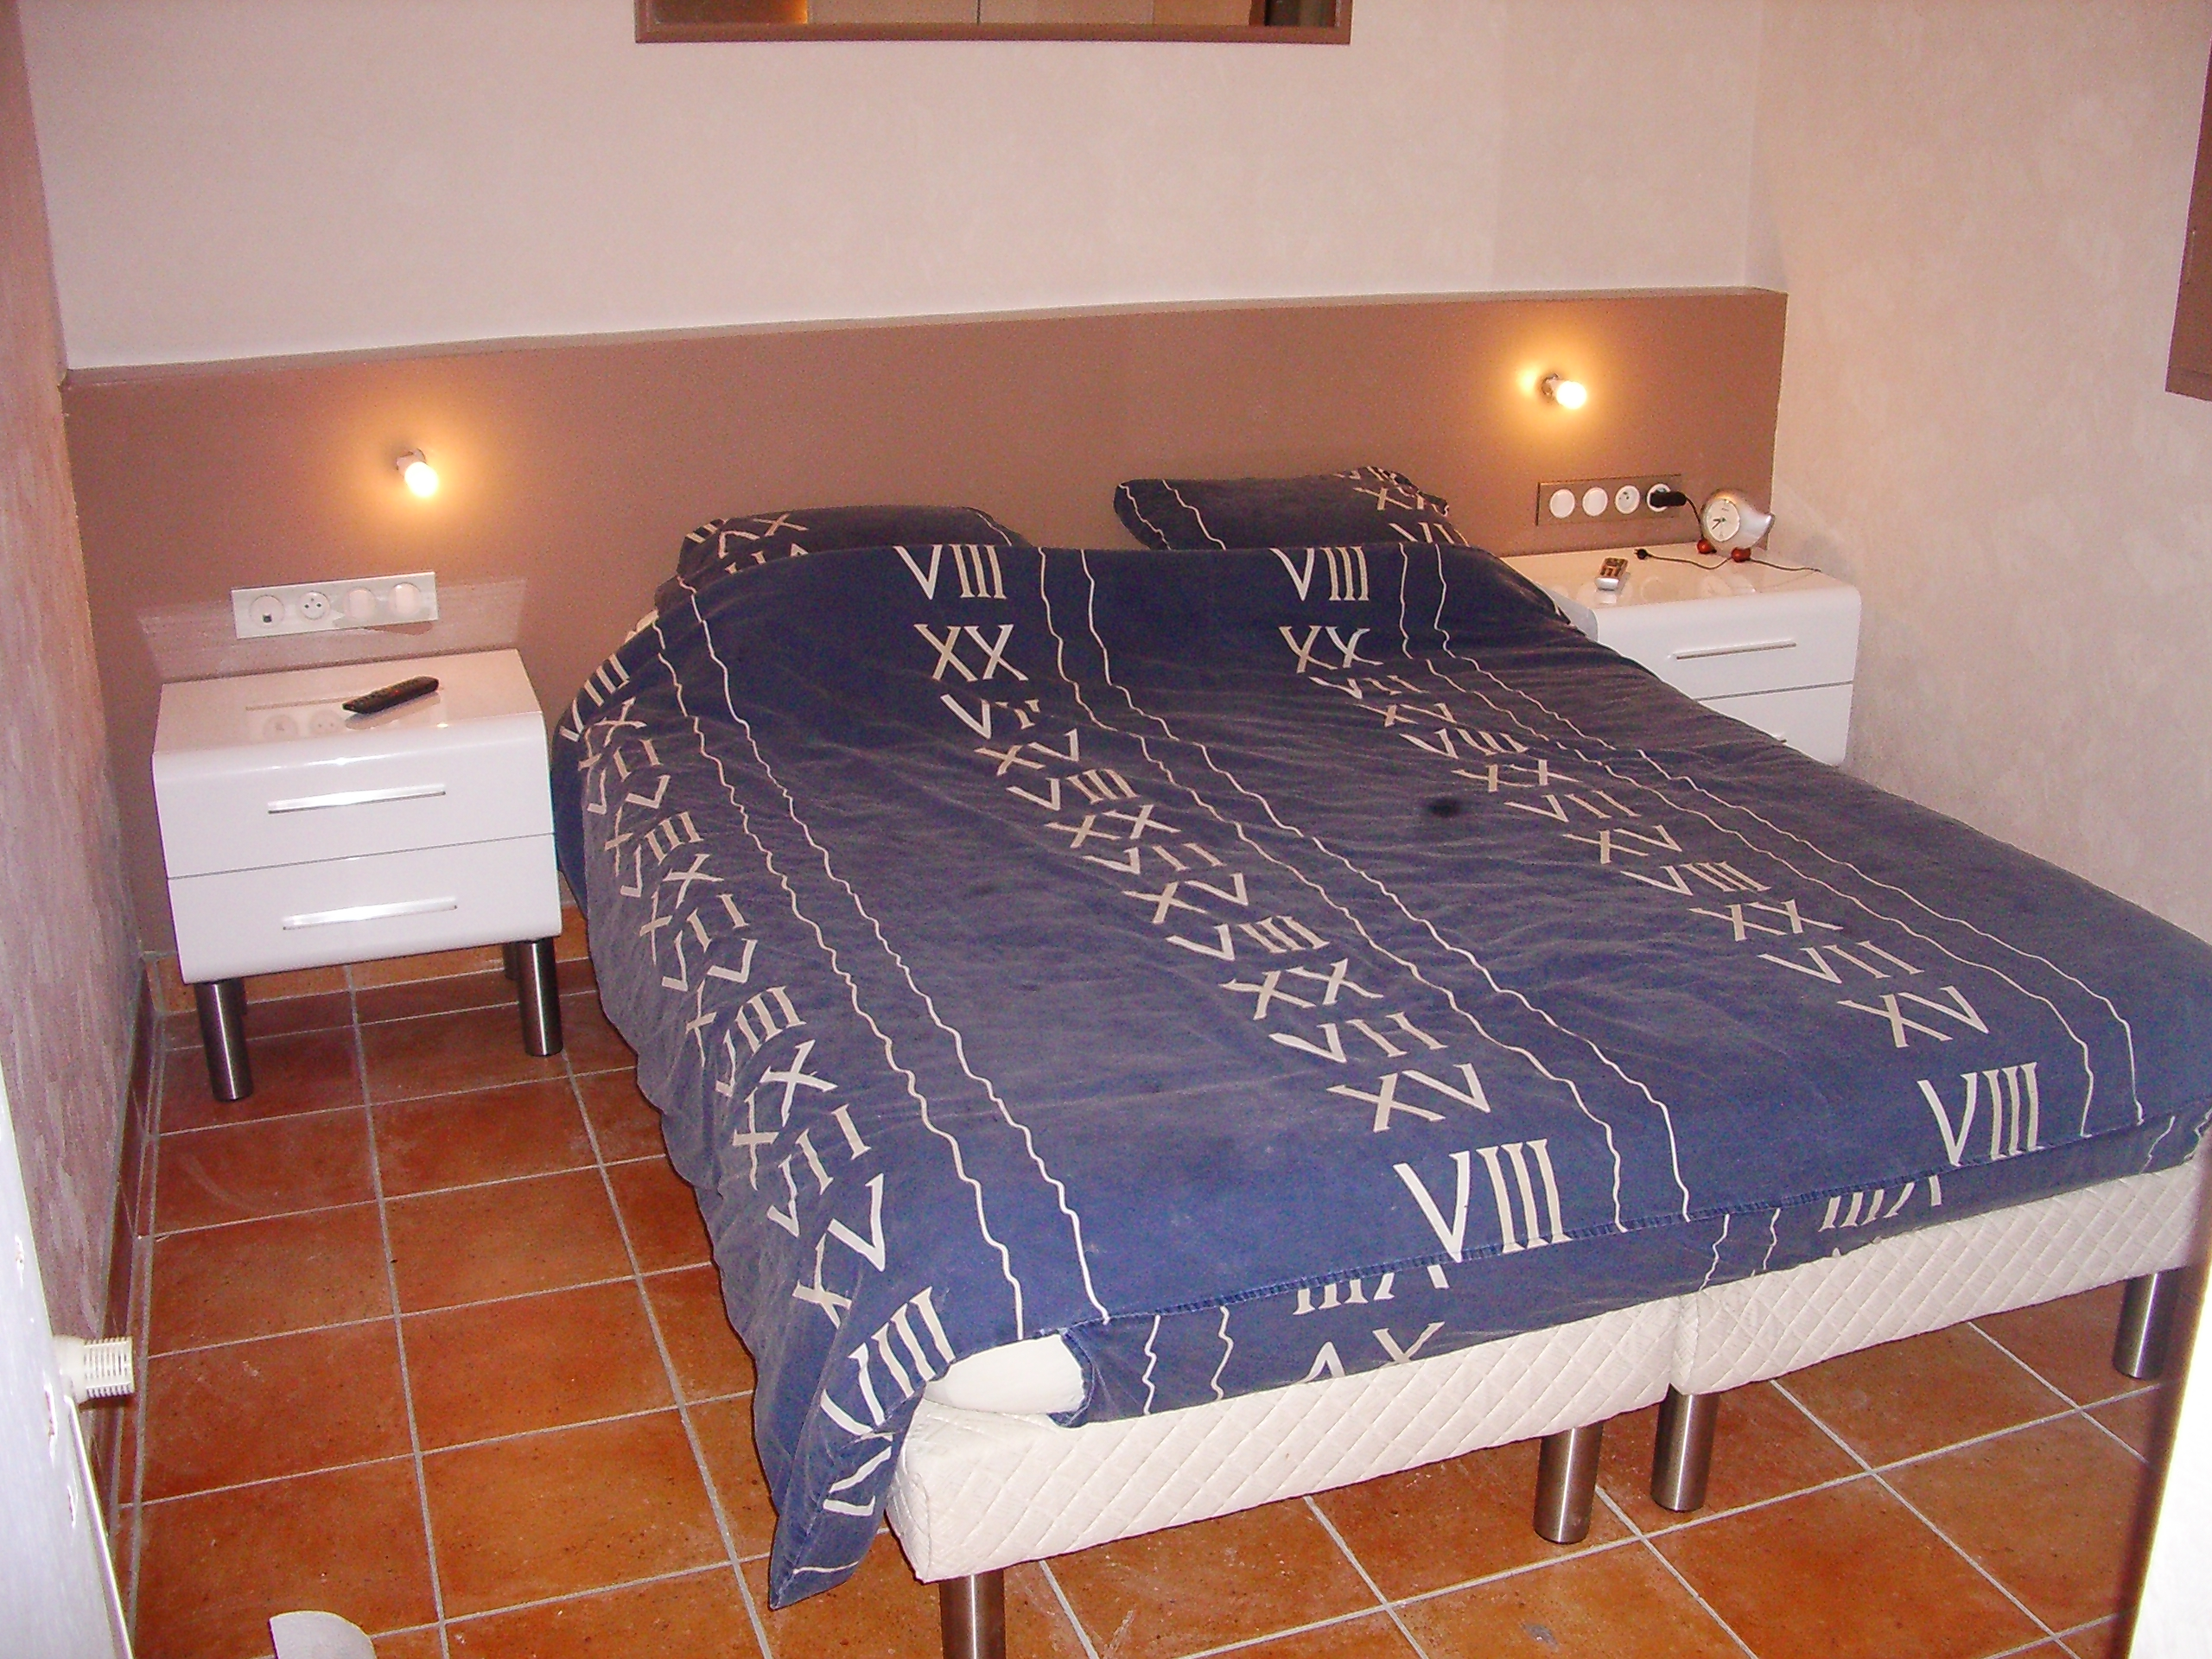 Placo Tete De Lit chambre : idée pour tête de lit et table de chevet